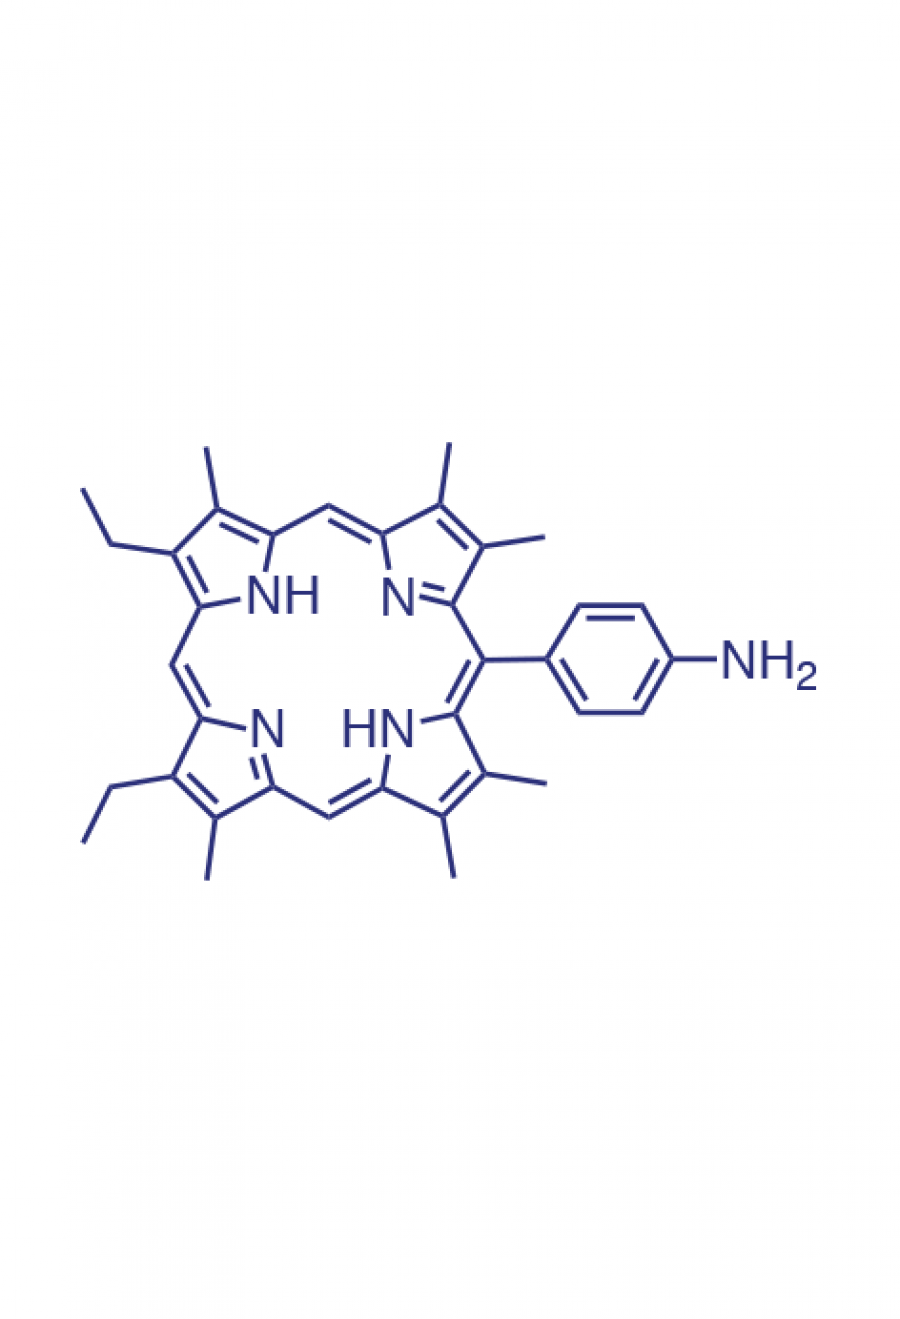 5-(4-aminophenyl)-2,3,7,8,12,18-(hexamethyl)-13,17-(diethyl)porphyrin